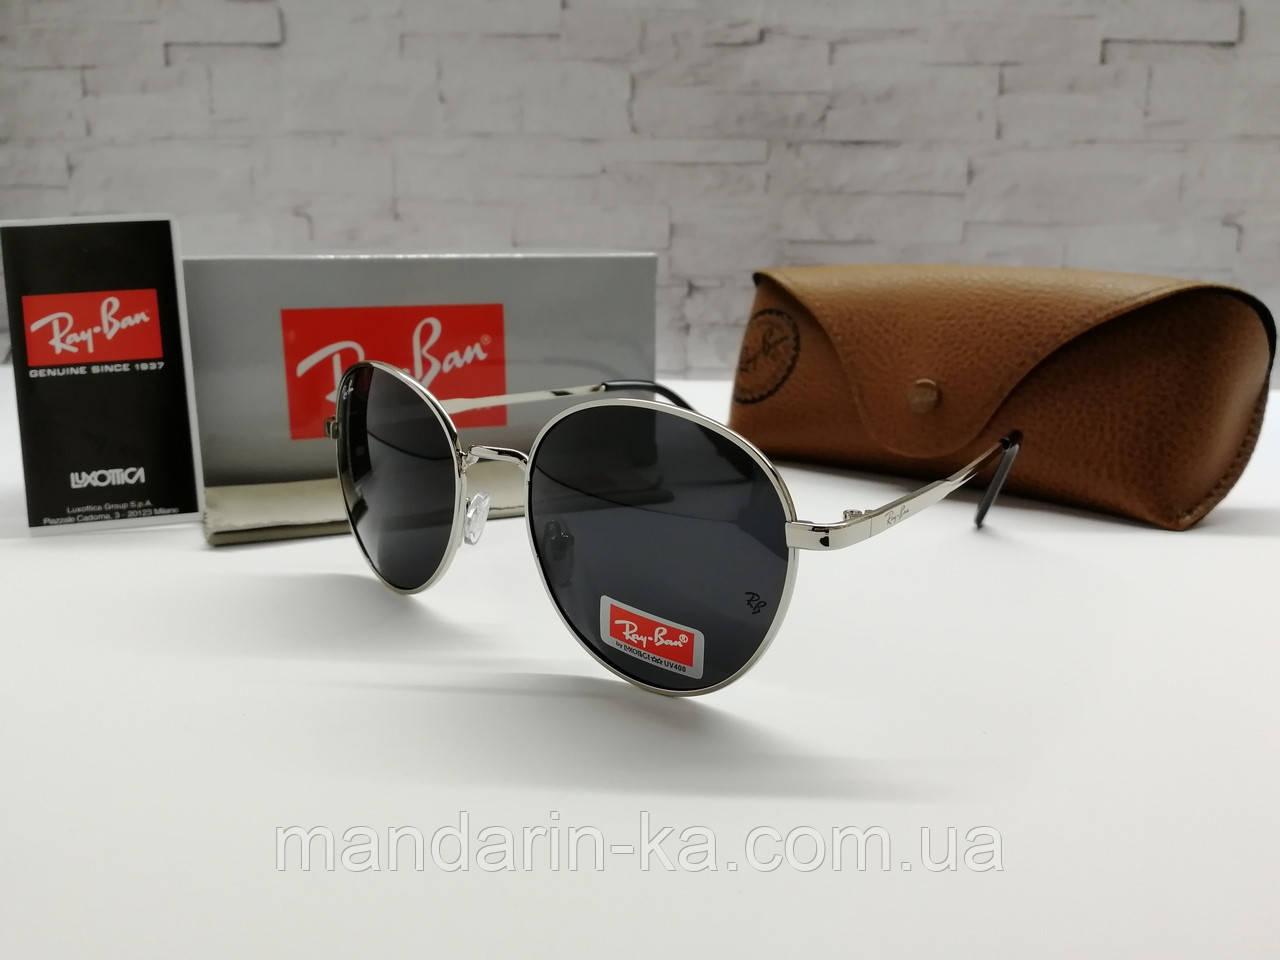 Стильные солнцезащитные очки кругляши реплика